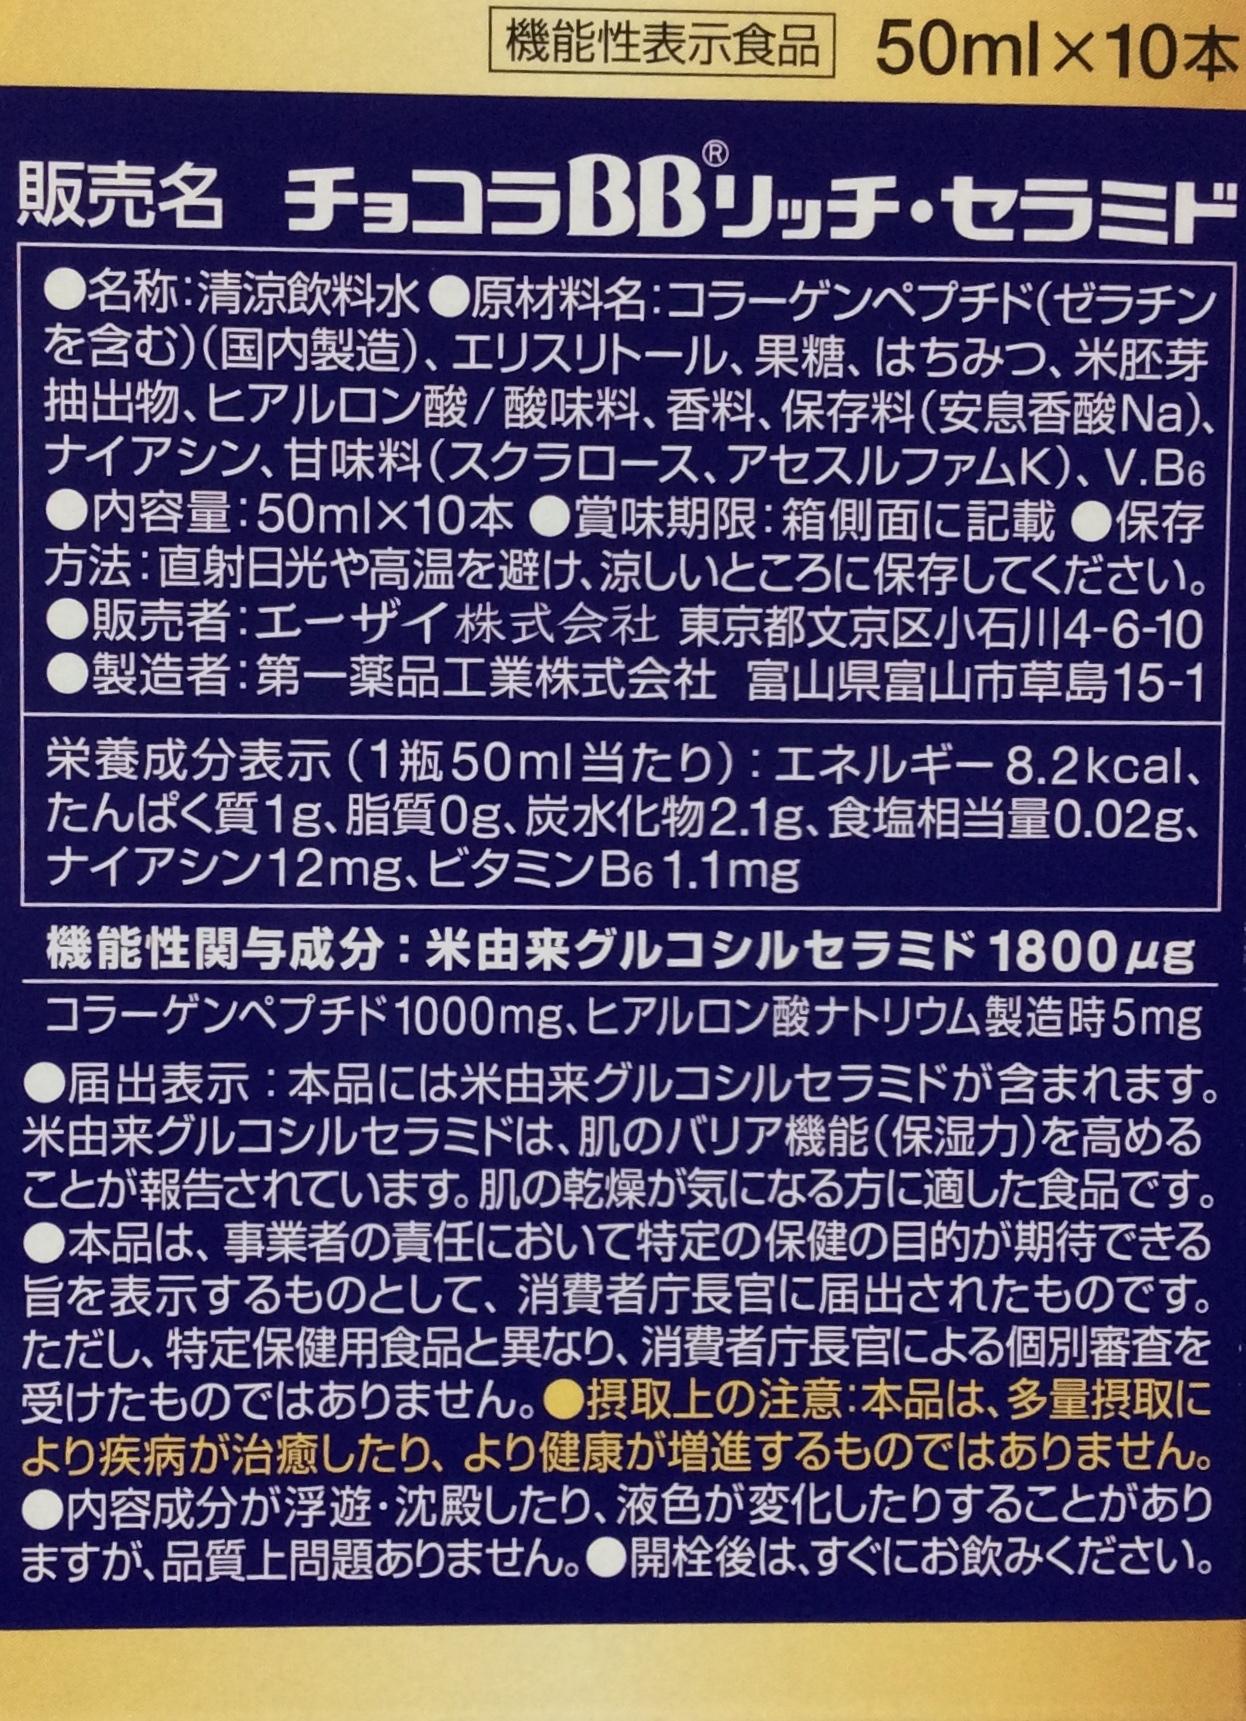 チョコラBB リッチ・セラミド(10本セット) (2)